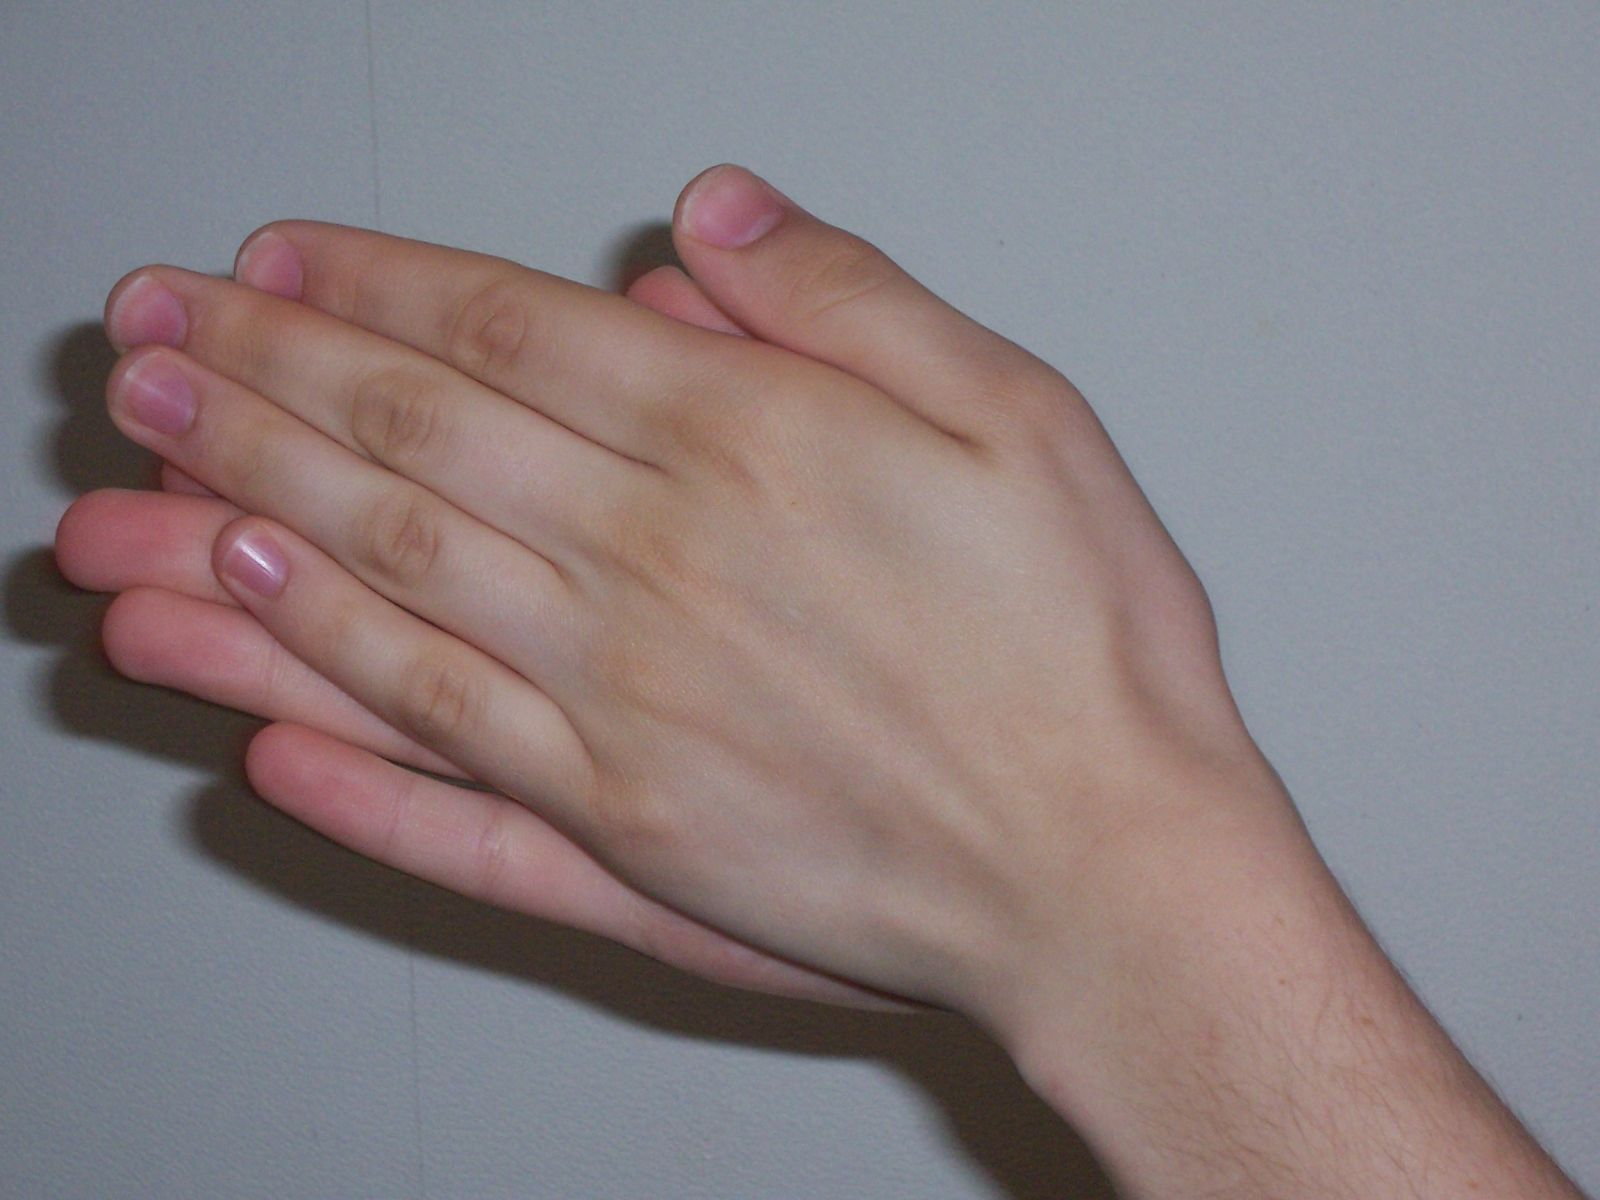 Rubbing hands